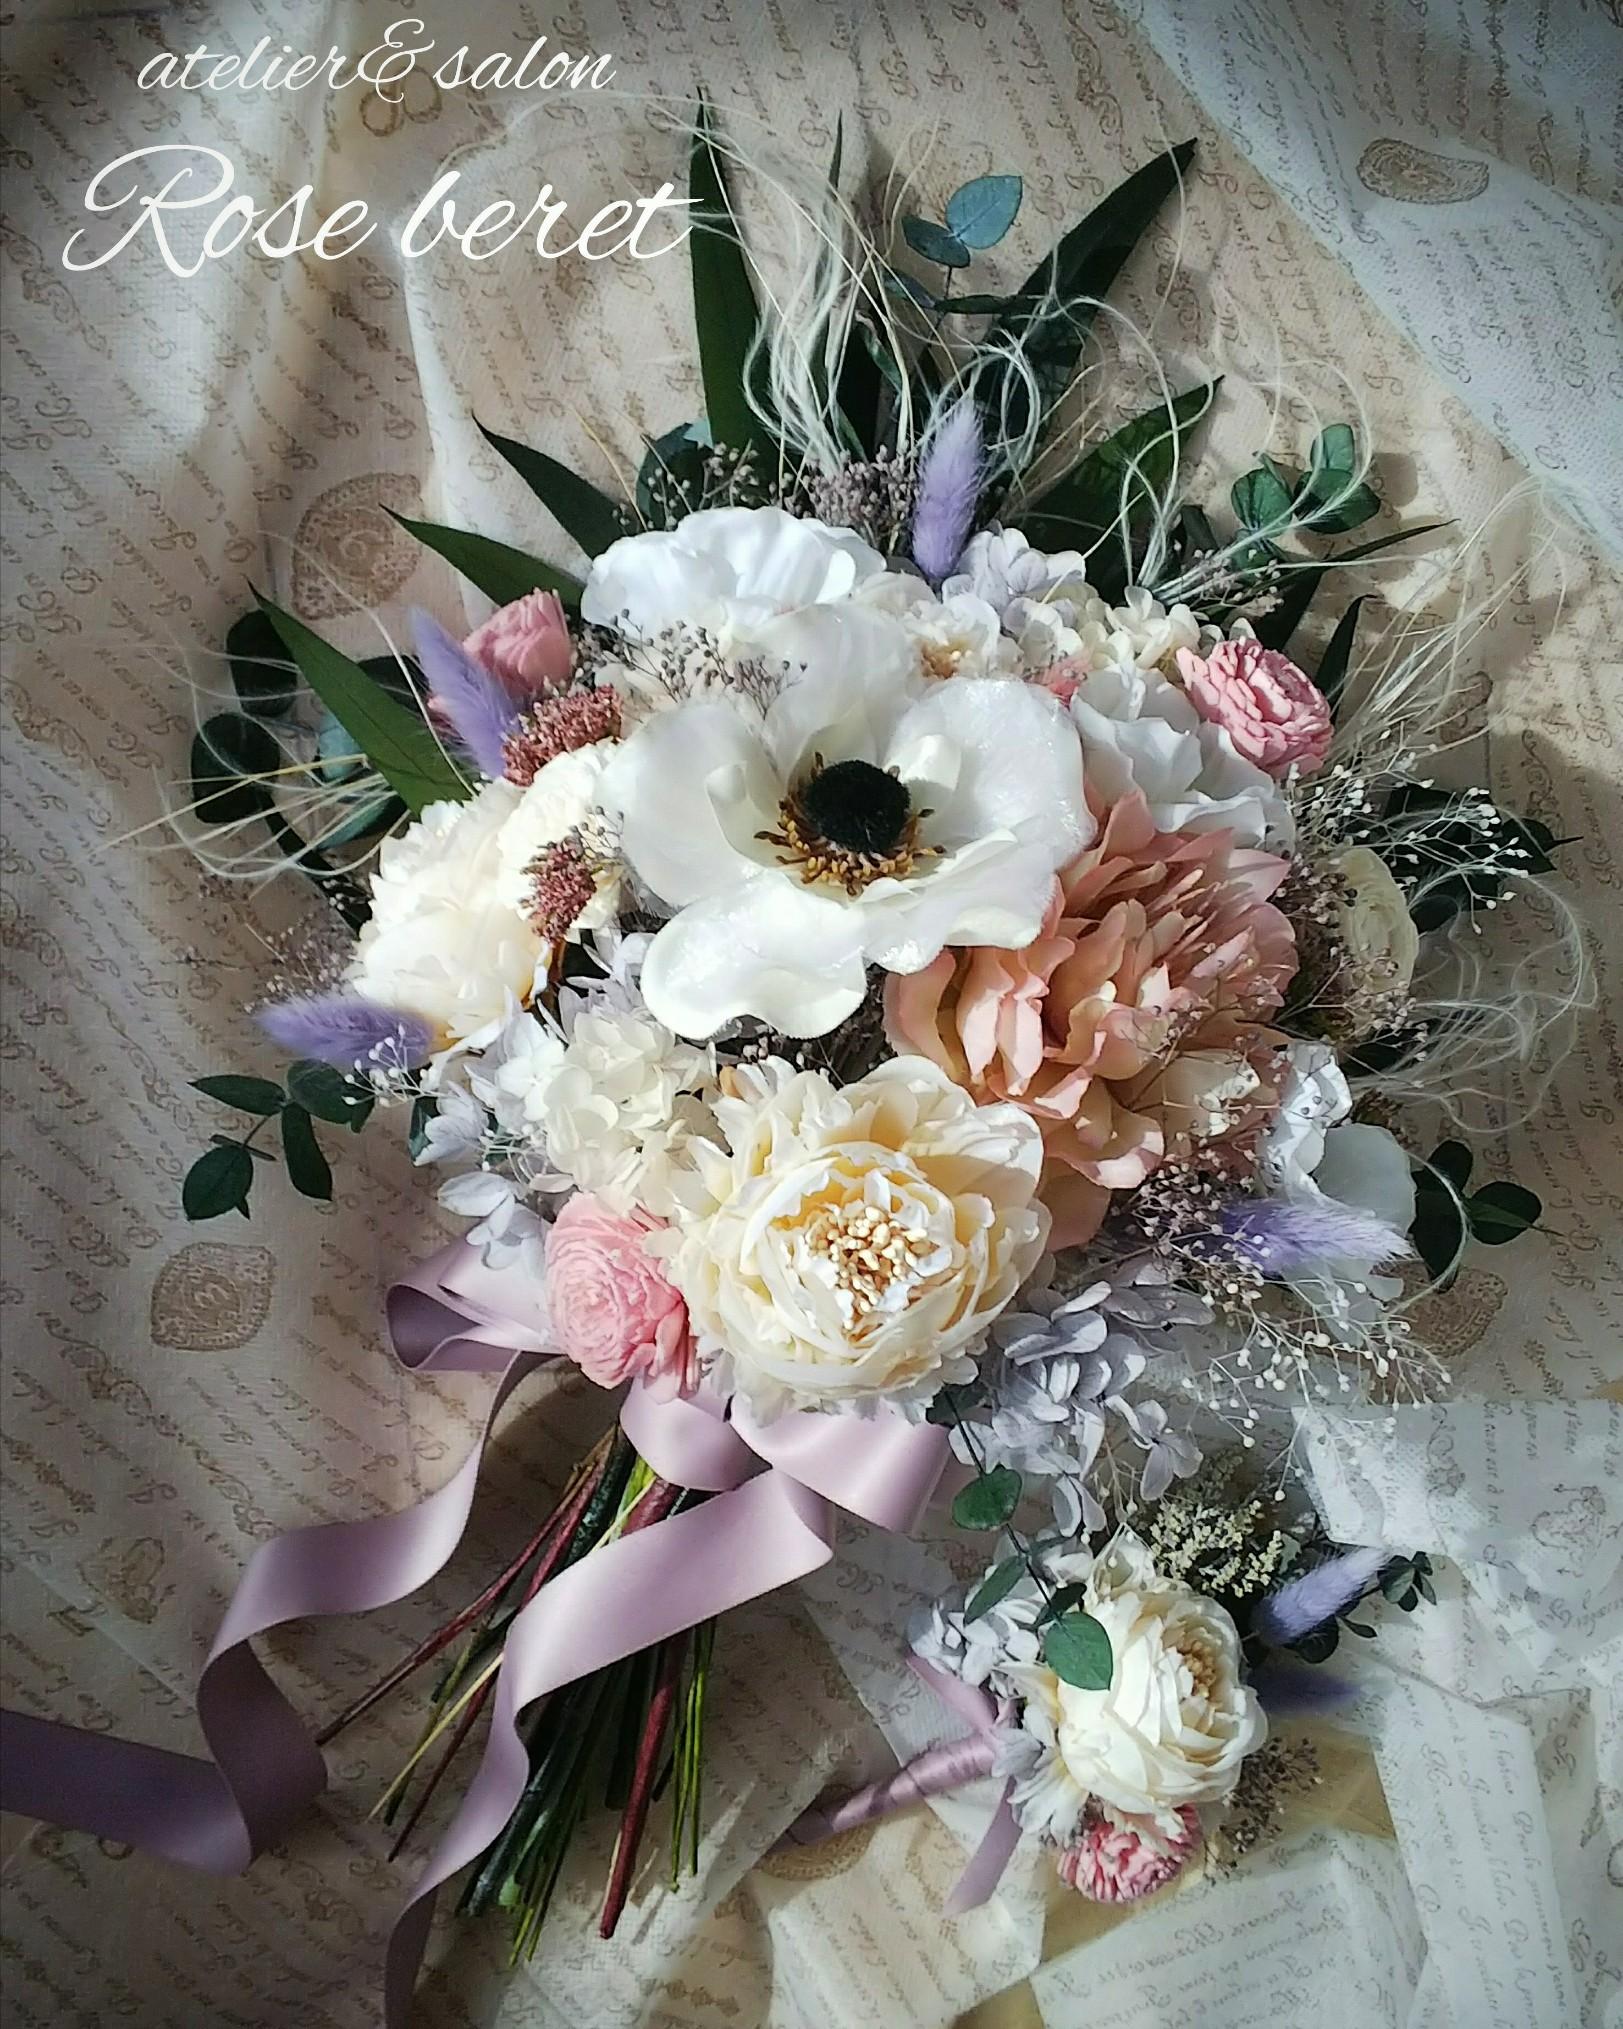 ブライダルブーケ 人気のアネモネを主役に。 ナチュラルなクラッチブーケです。 どんなスタイルのドレスにも あわせ安いカラーになっています。 アーティフシャルフラワー(高級造花)とプリザーブドフラワーを使用しています。